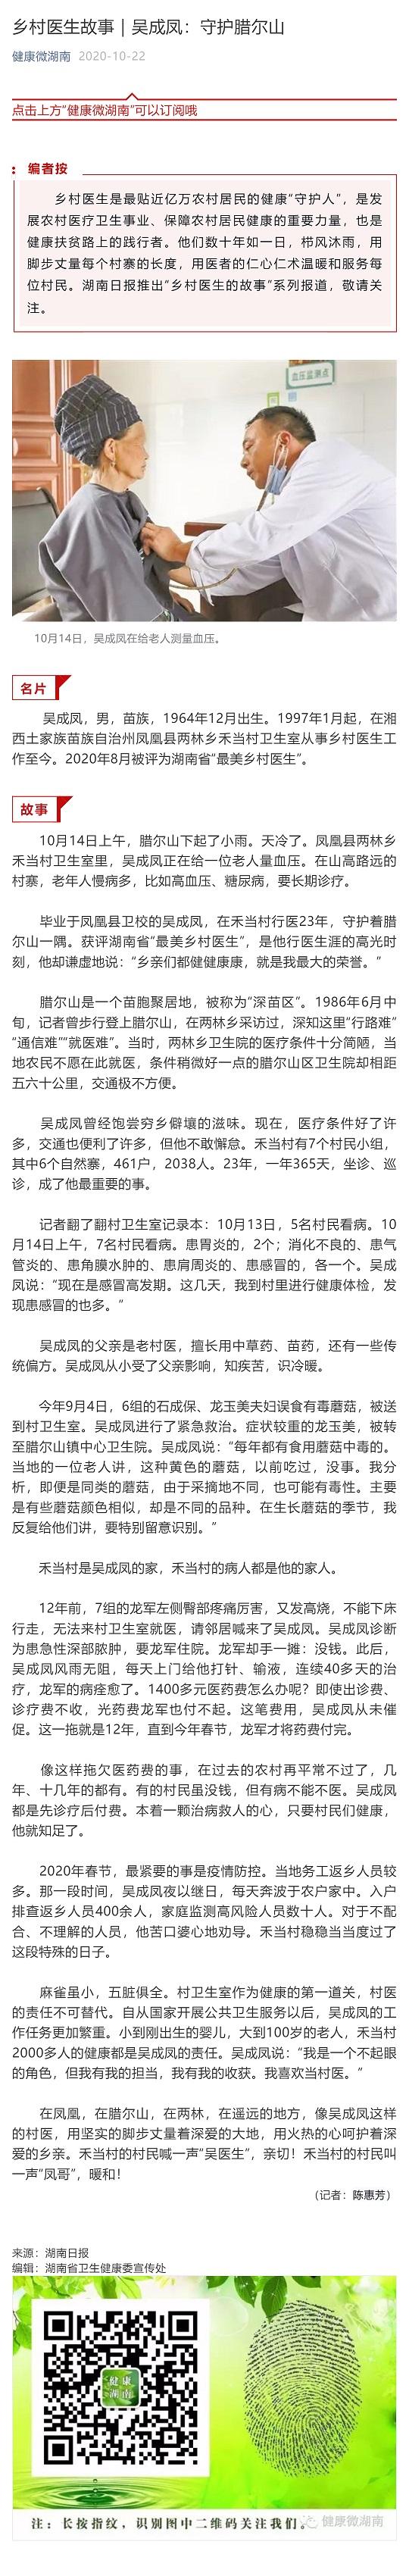 乡村医生故事|吴成凤:守护腊尔山_壹伴长图1.jpg